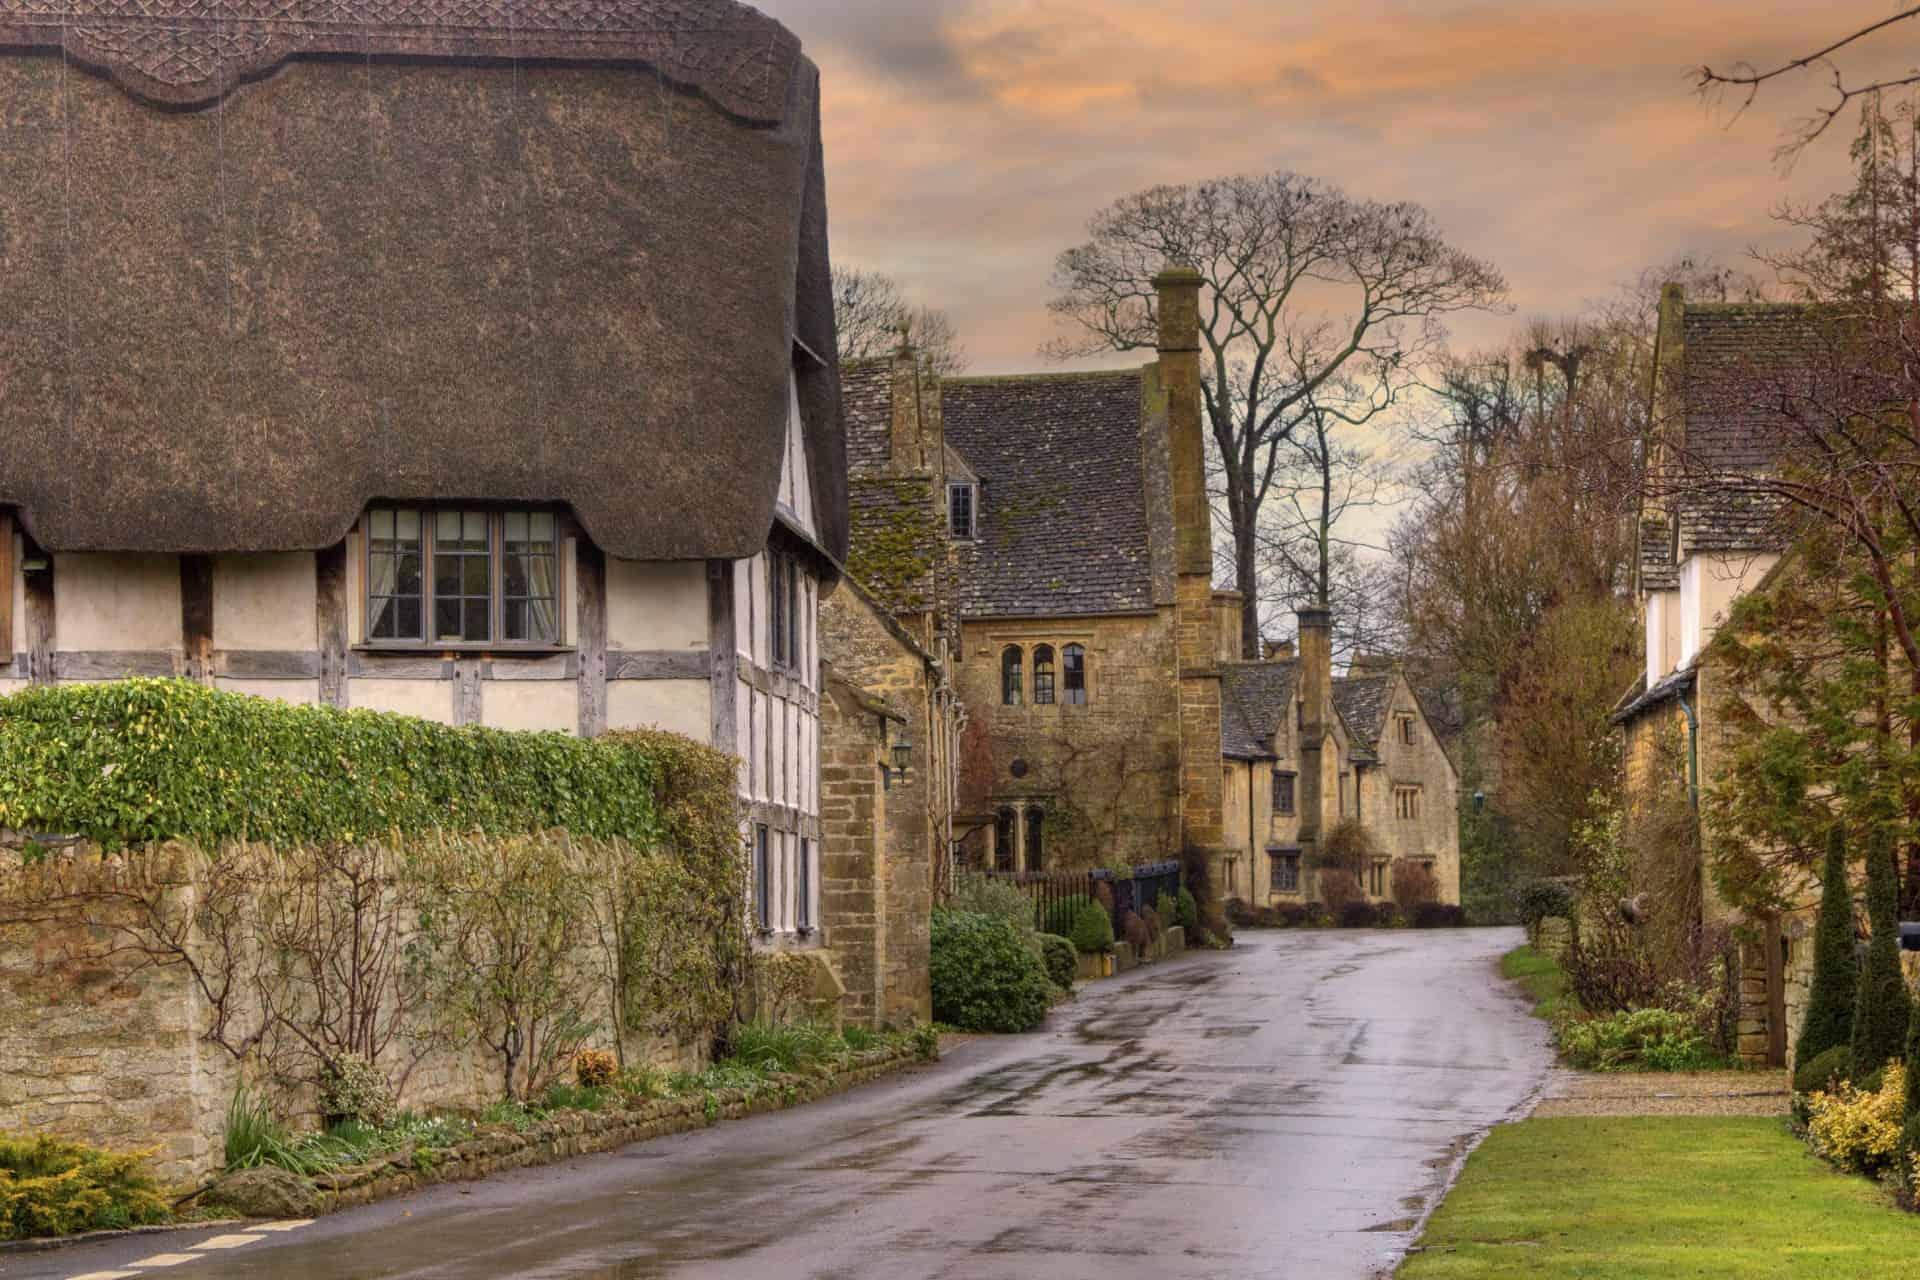 Stanton, Cotswolds village